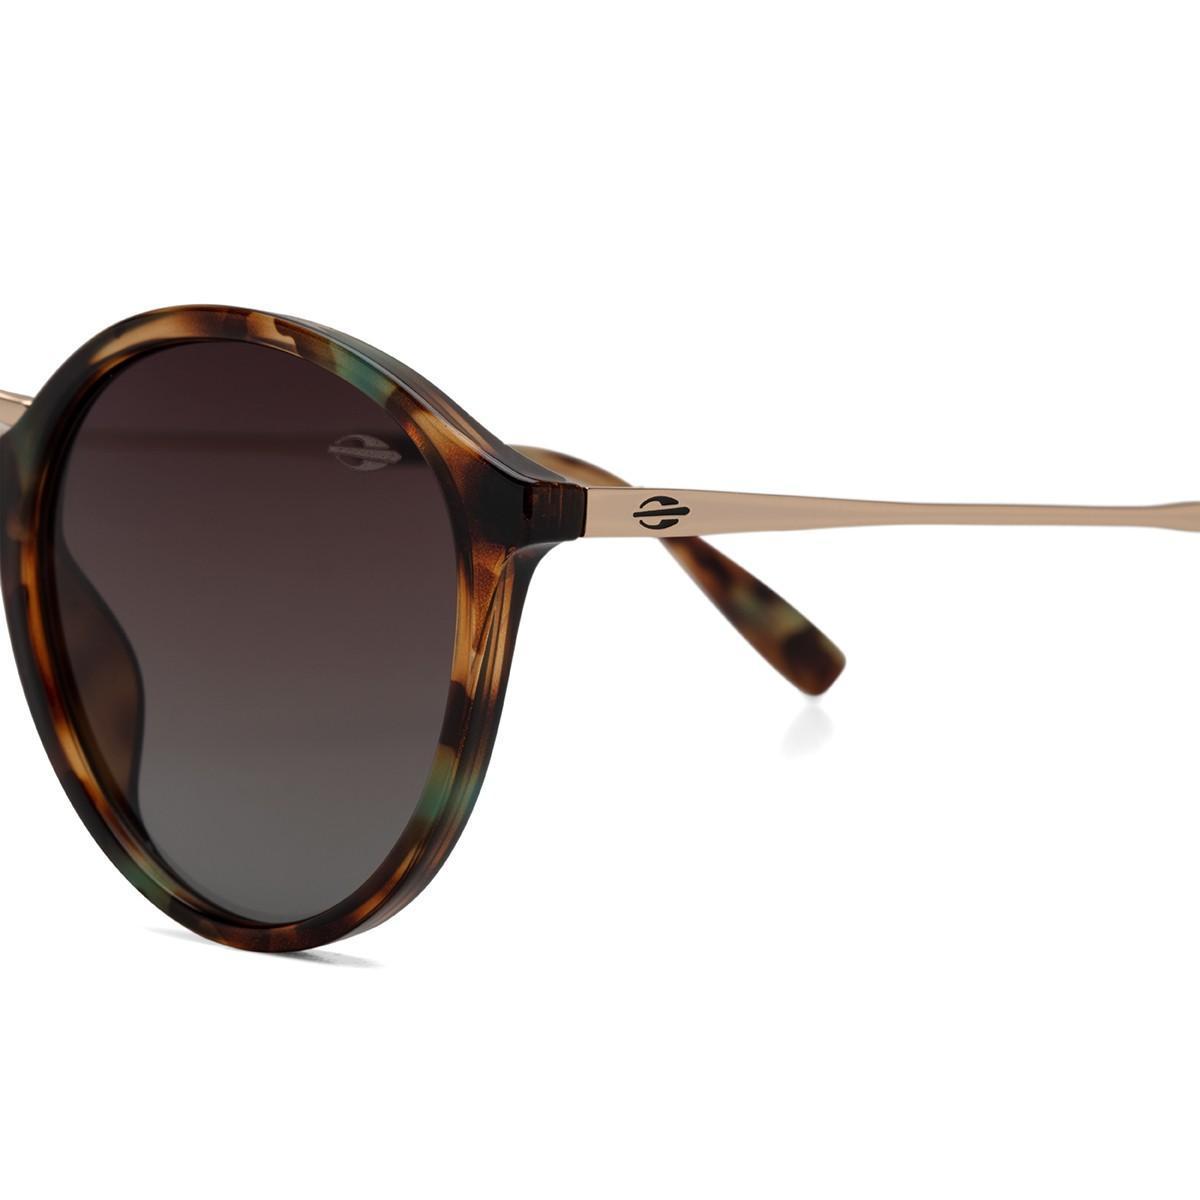 936b175c62a04 Oculos Sol Mormaii Cali Demi Azul Com Marrom Brilho-L Marrom Degr - Pa  Produto não disponível